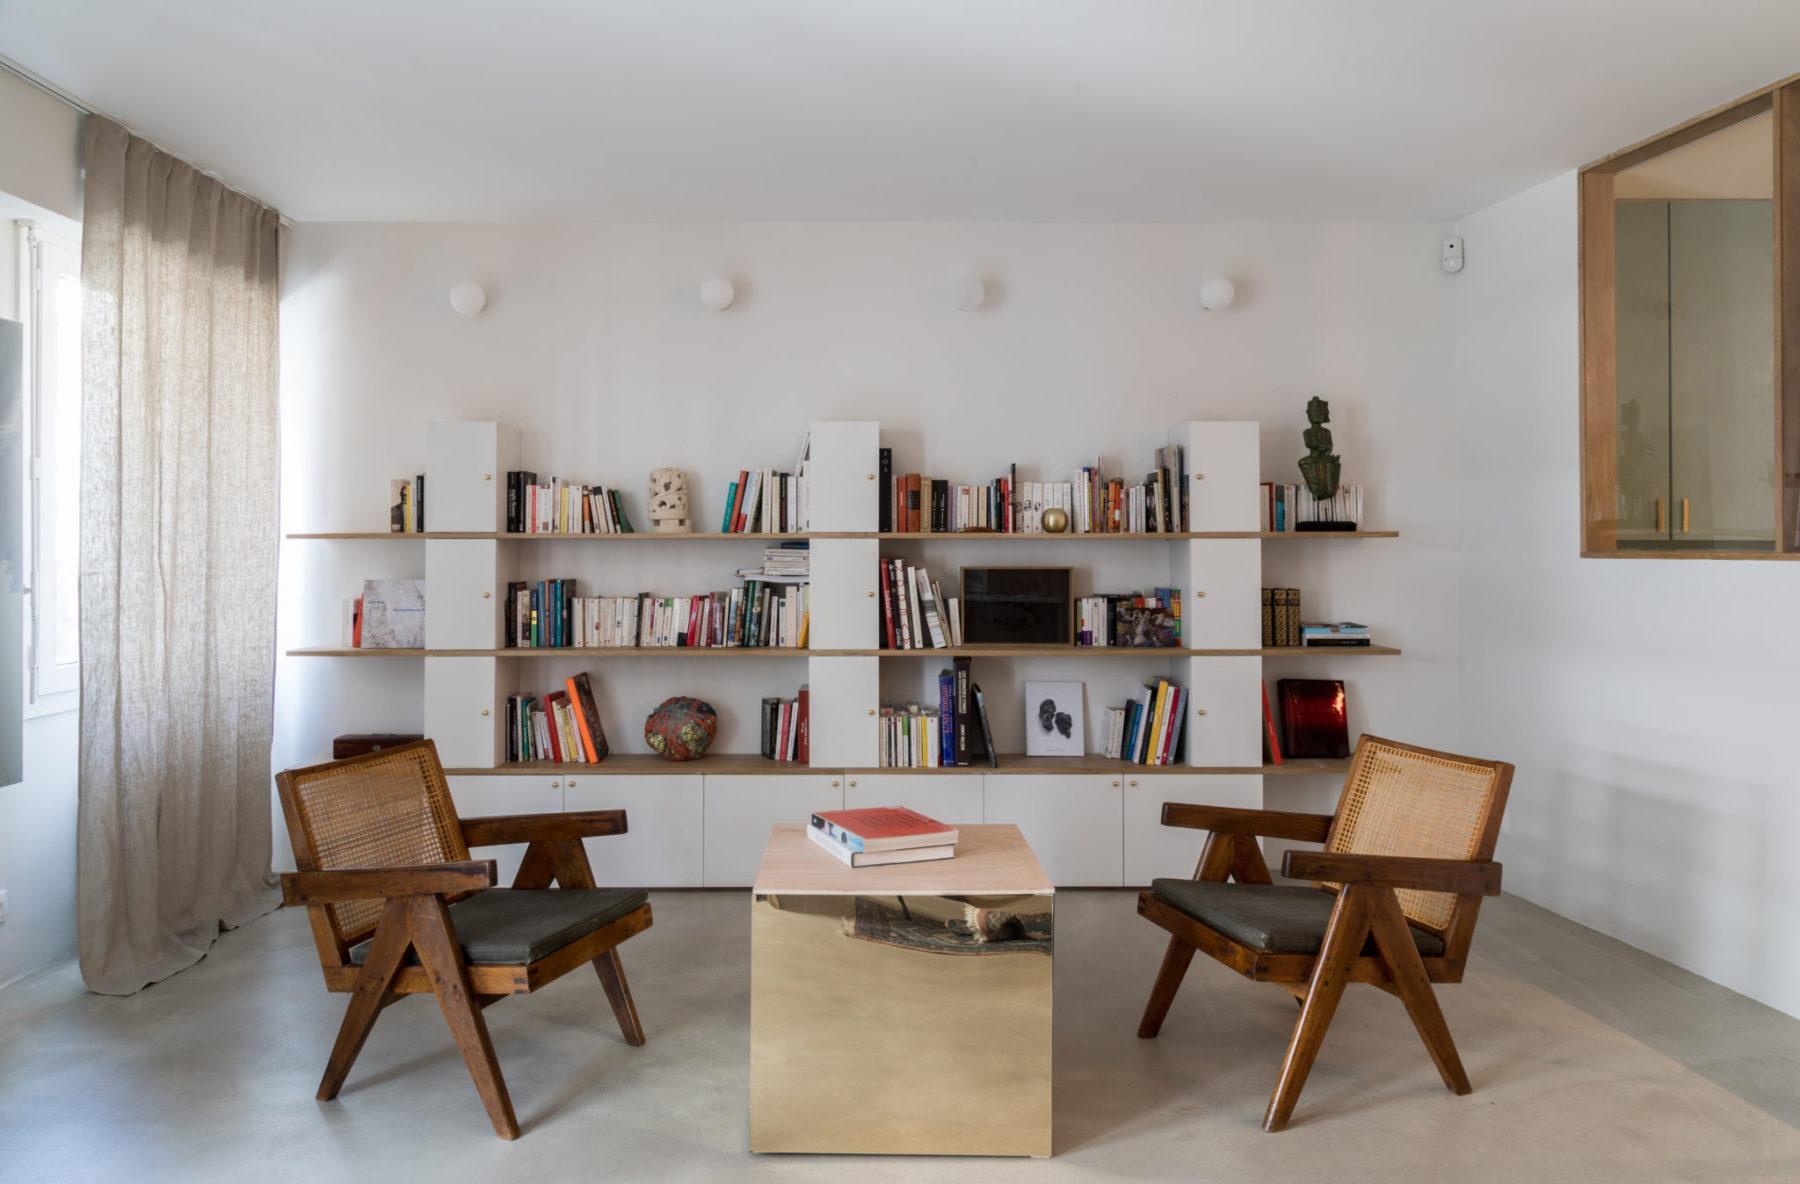 Séjour - Fauteuils Pierre Jeanneret, Le Corbusier. Bibliothèque totem, pelote Sheila hicks, table cube miroir bronze